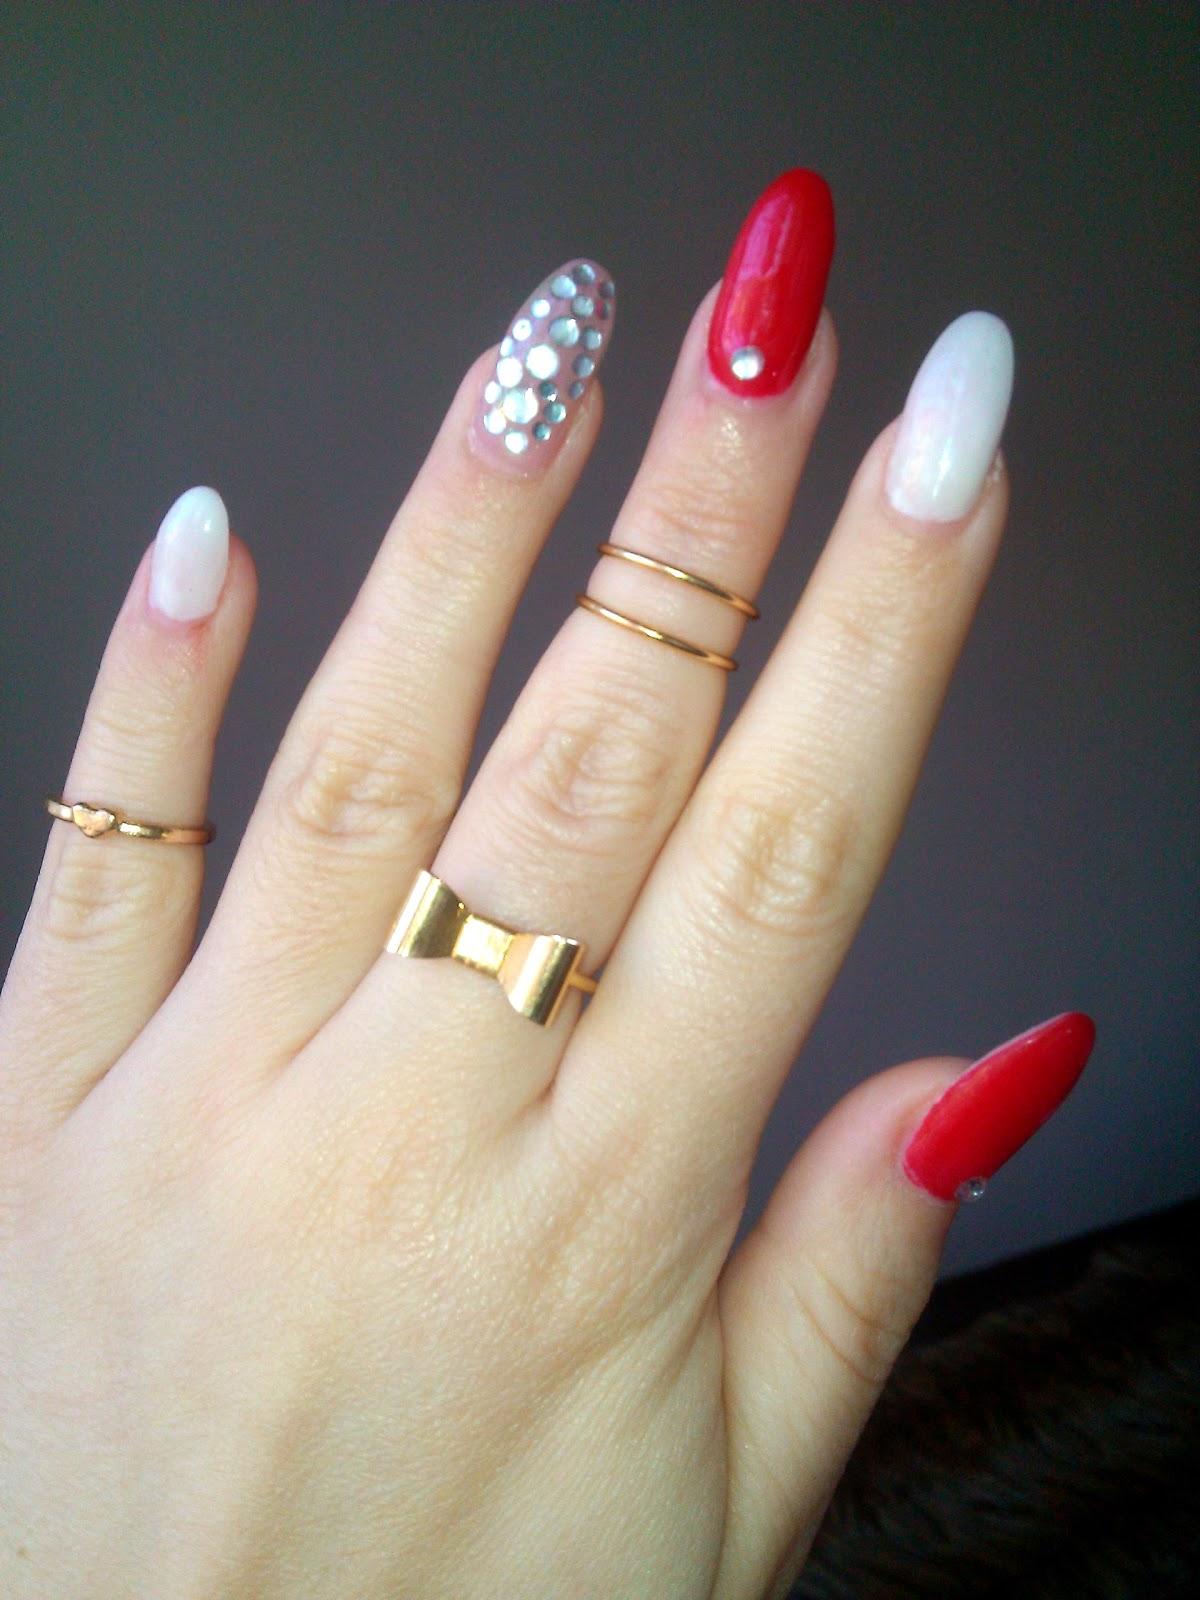 gold midi rings, red stiletto nails, stiletto nails, stiletto nails with rhinestones, white stiletto nails